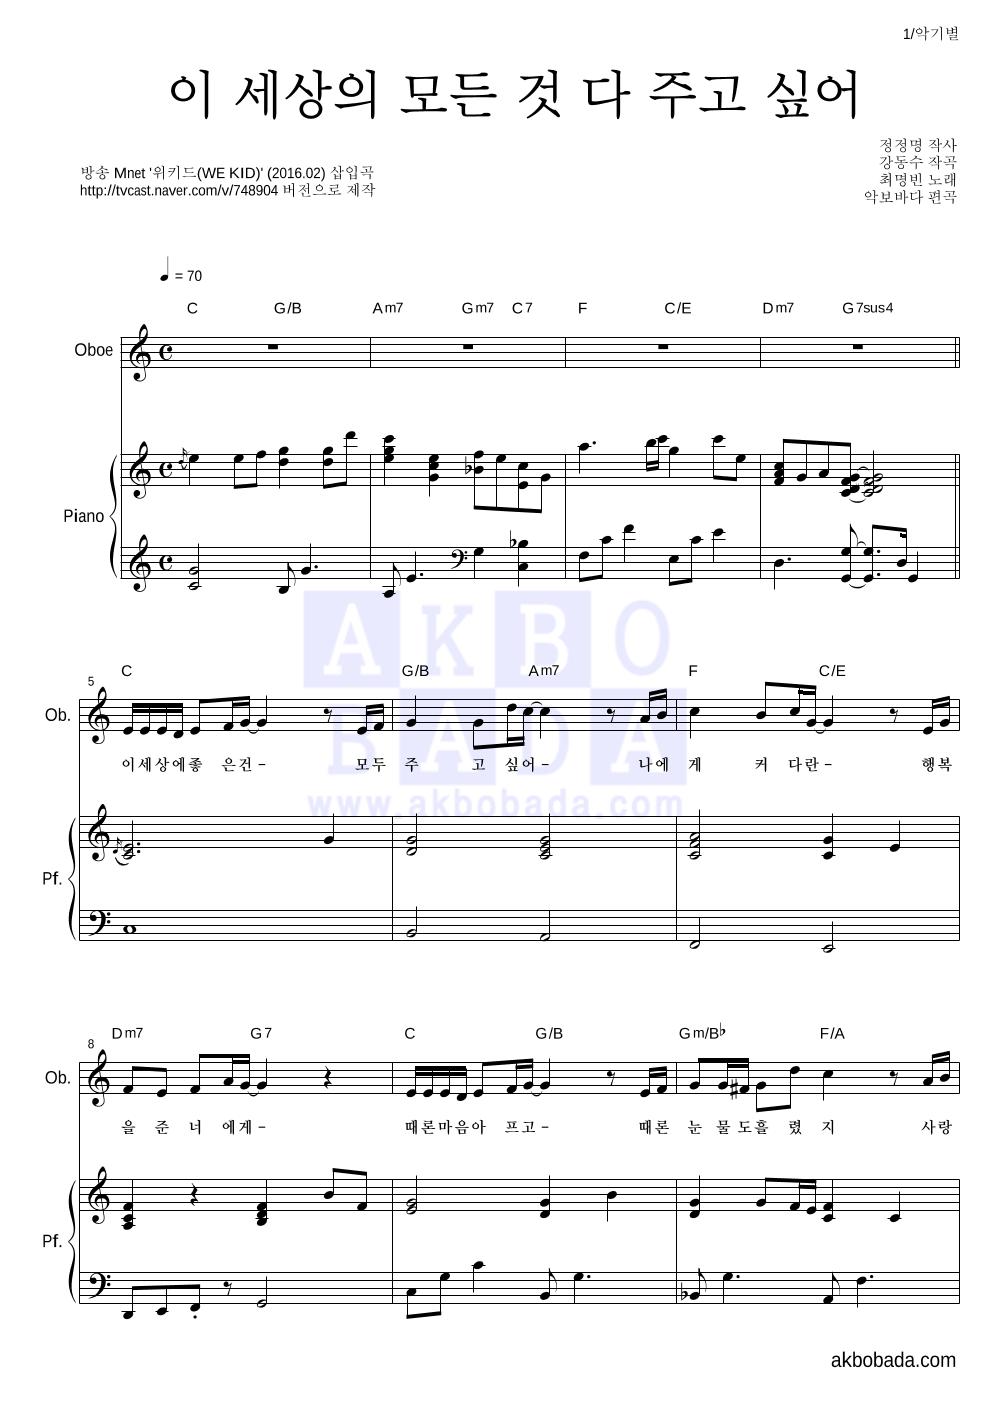 최영빈 - 이 세상의 모든 것 다 주고 싶어 오보에&피아노 악보